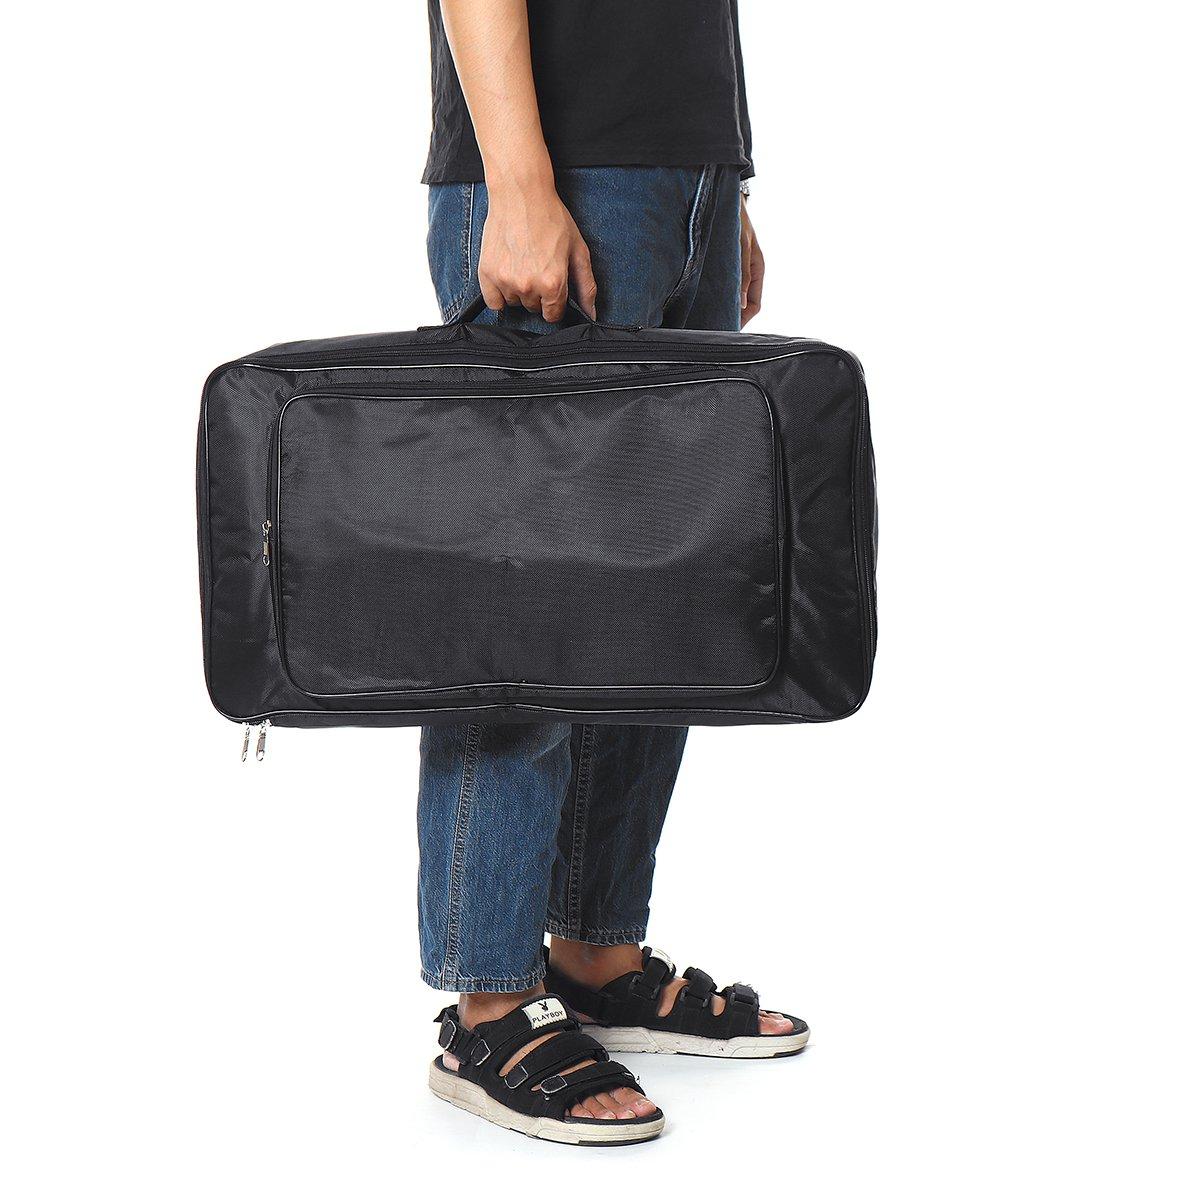 60CM Black Universal Portable Guitar Pedal Board Pedalboard DIY Bag